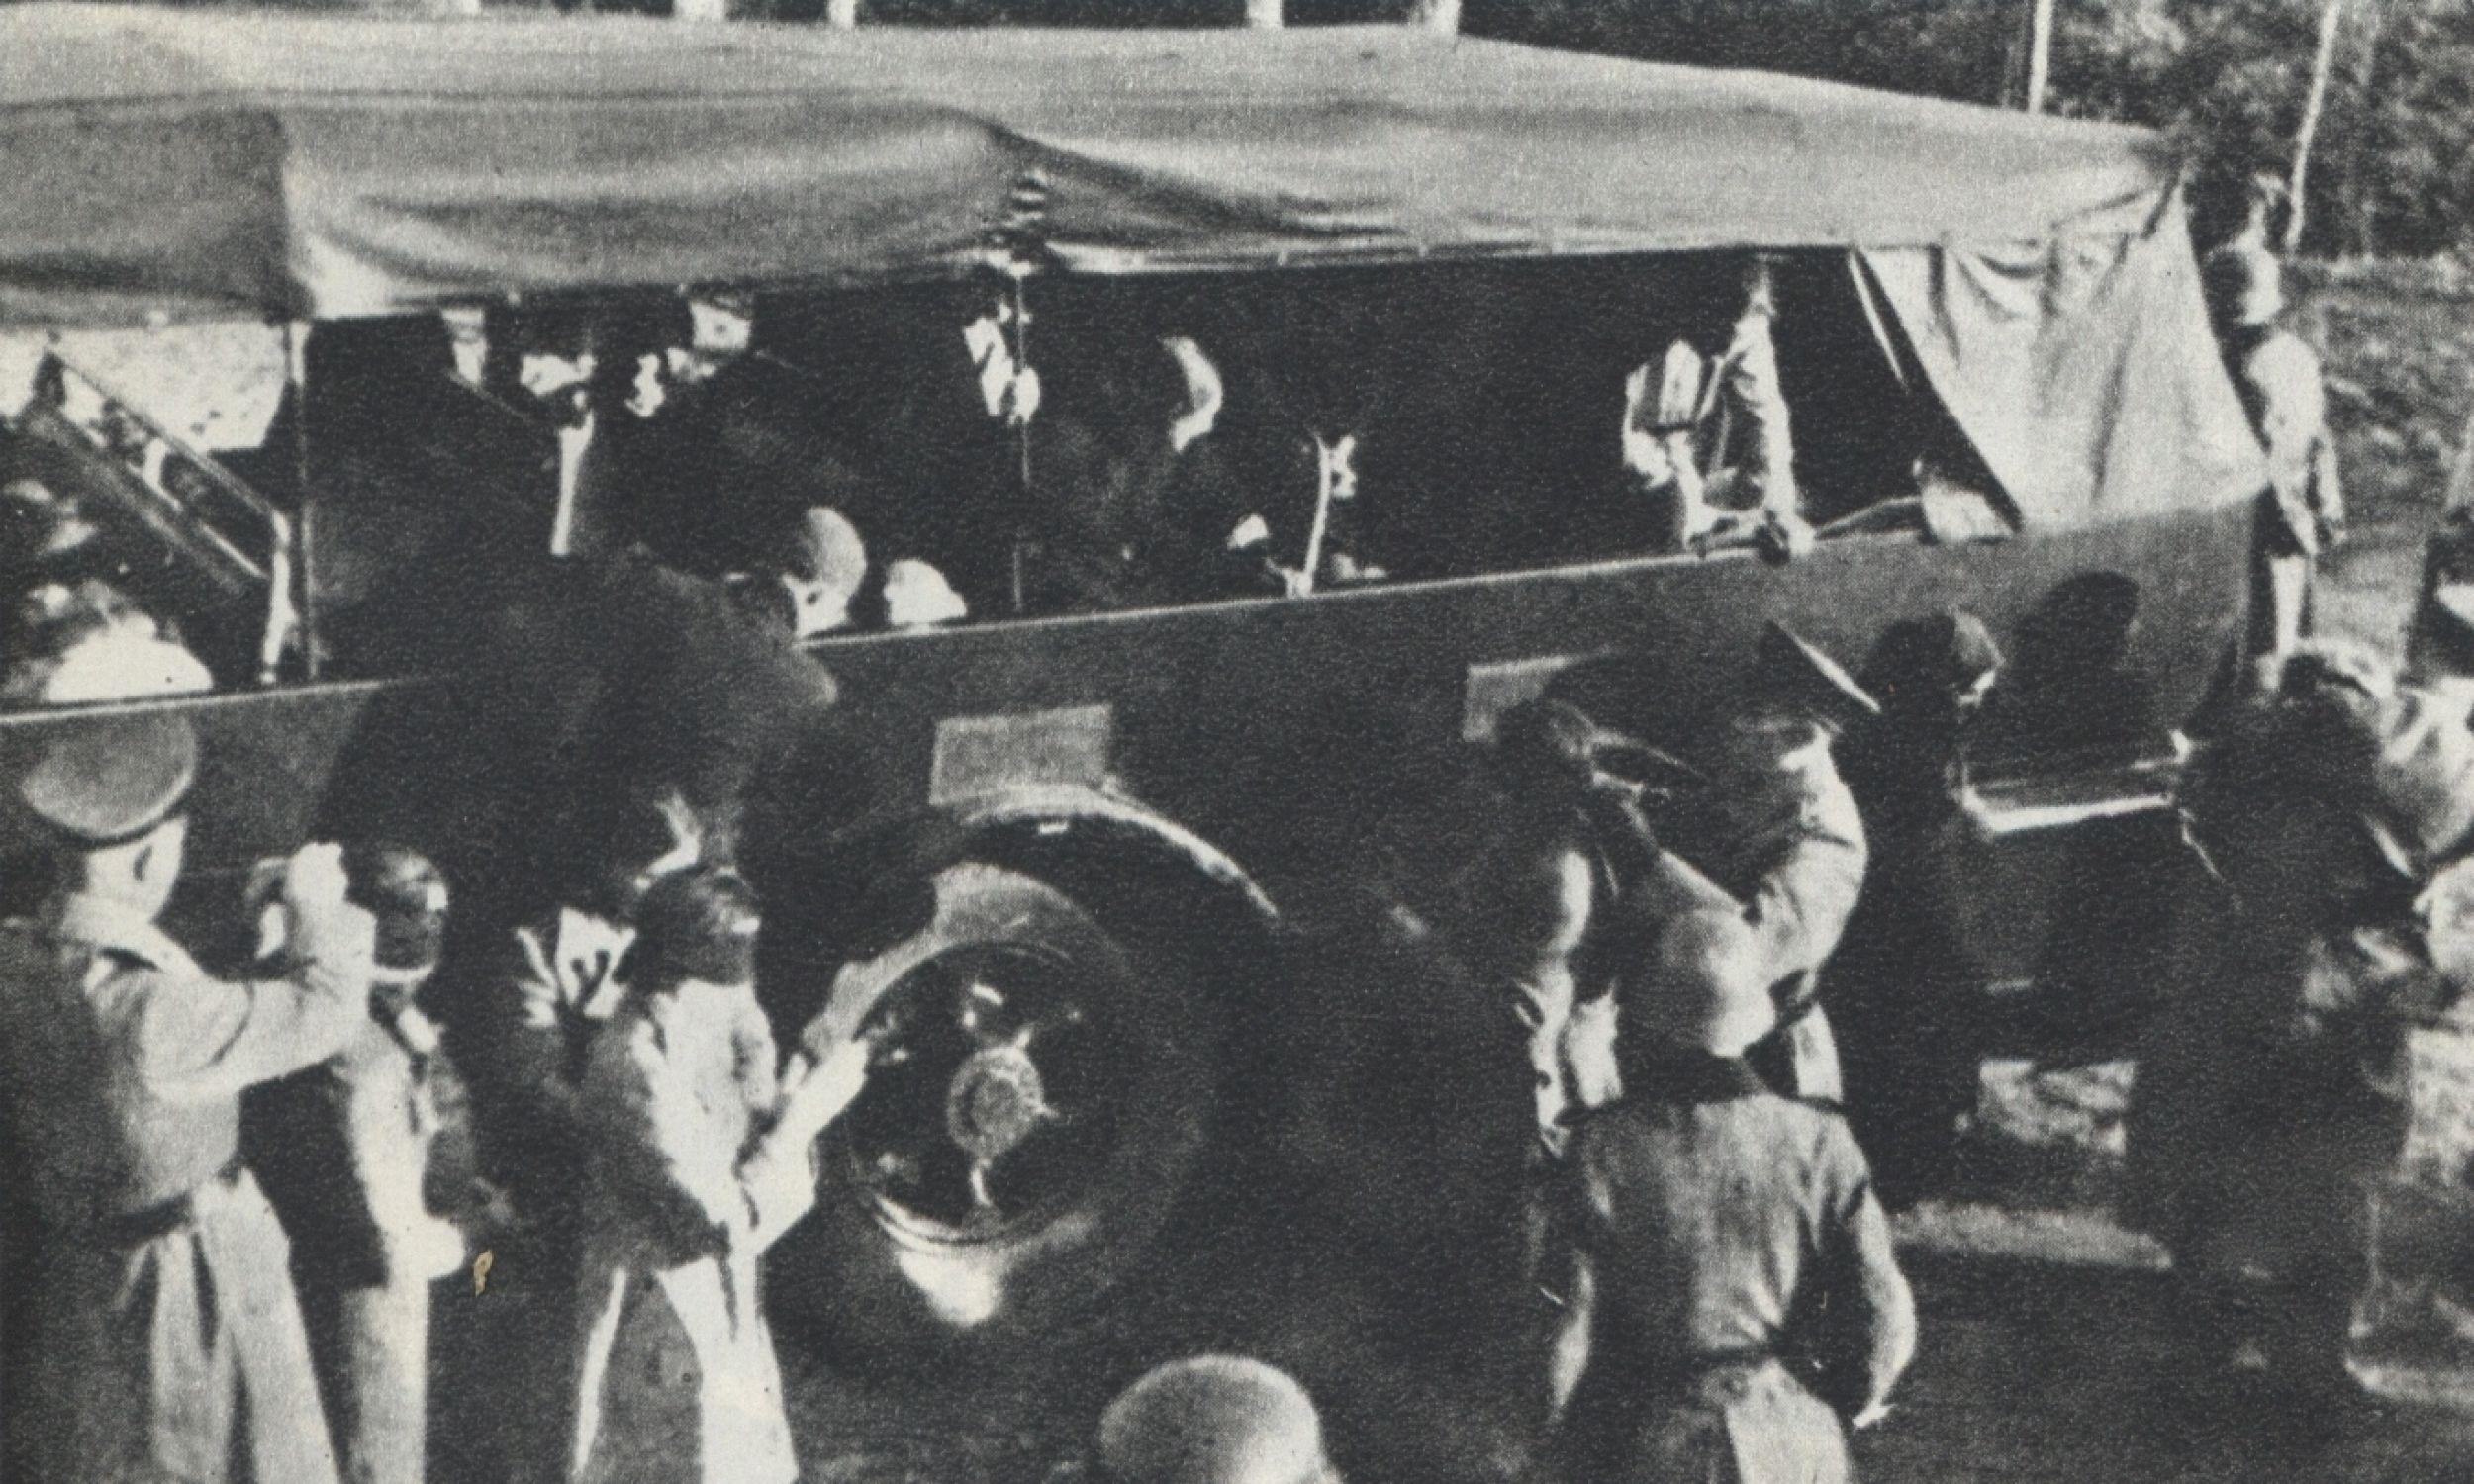 Skazańców przywożono na miejsce straceń samochodami ciężarowymi – najczęściej z Pawiaka. Zawiązywano im oczy.Fot. Wikimedia